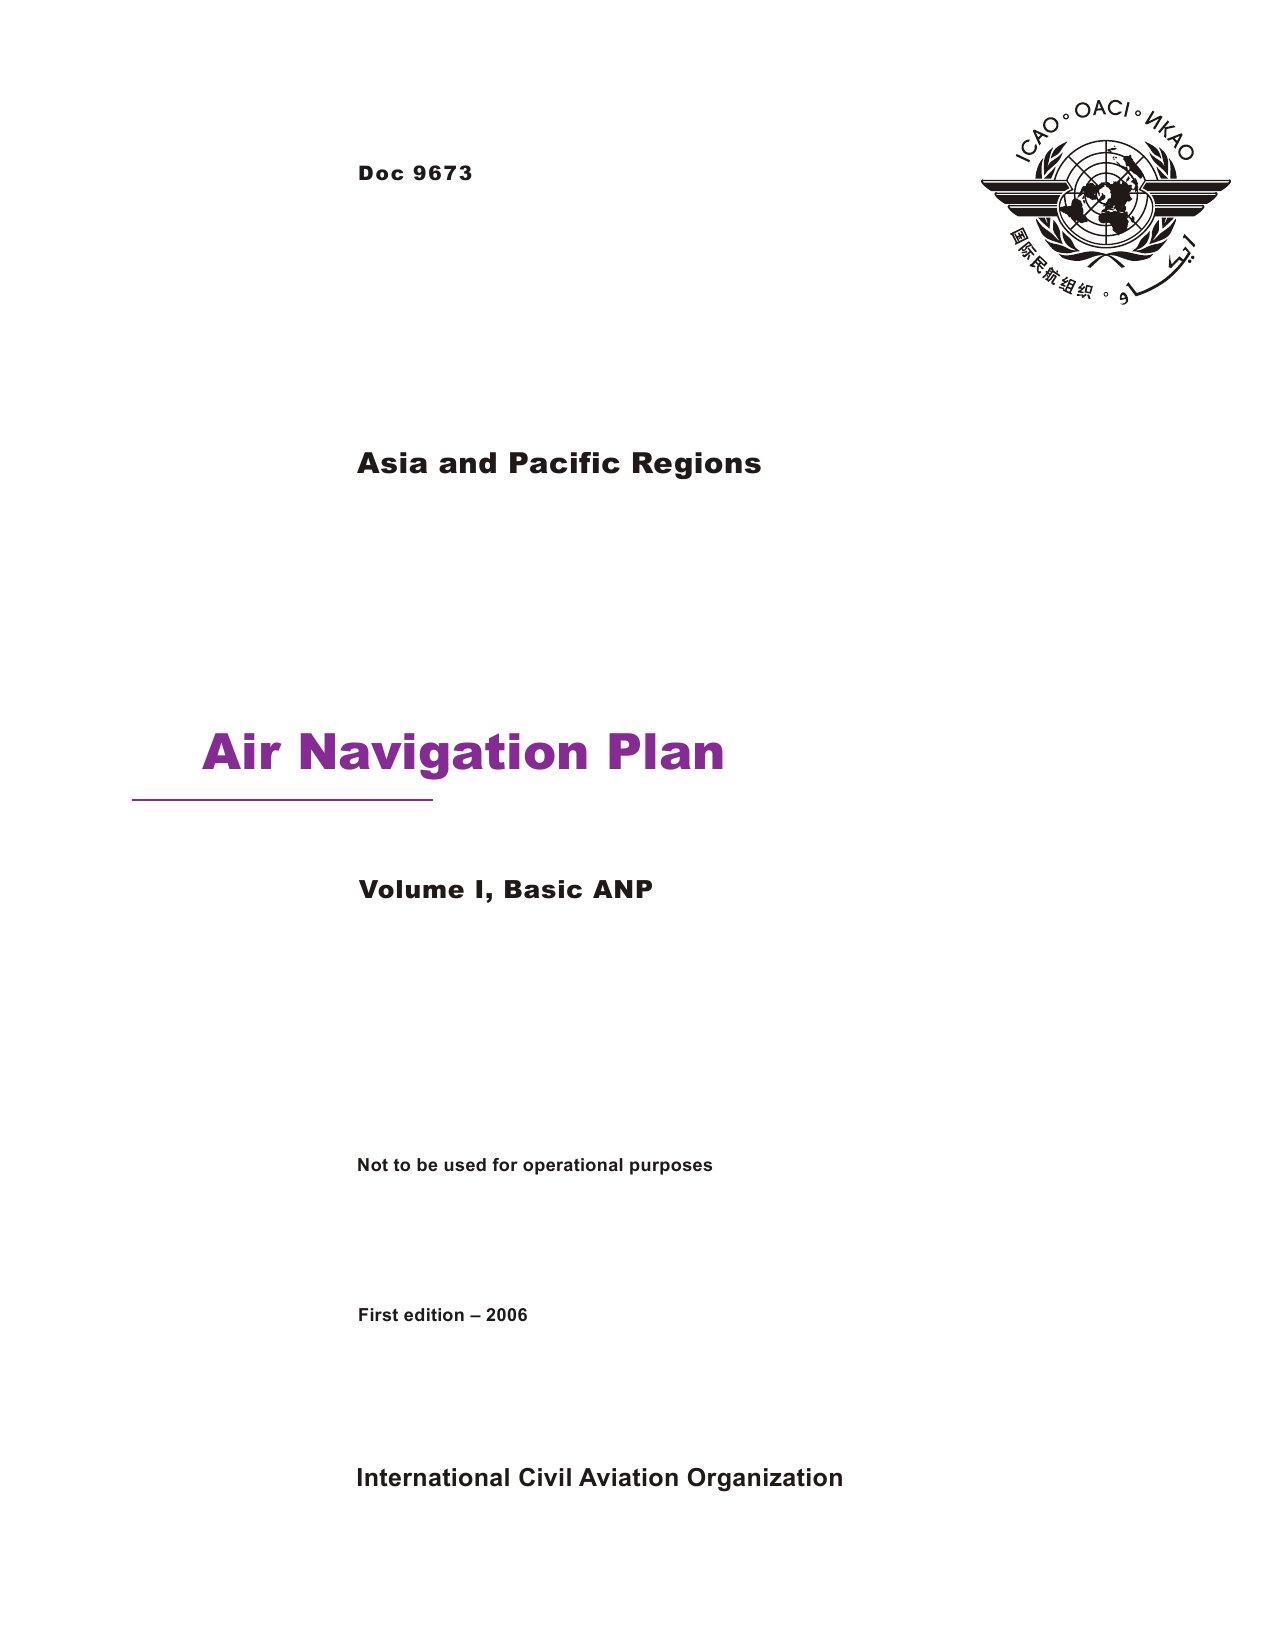 ICAO Doc 9673 Аэронавигационный план. Регион Азии и Тихоокеанский регион. Том I. Основной АНП.